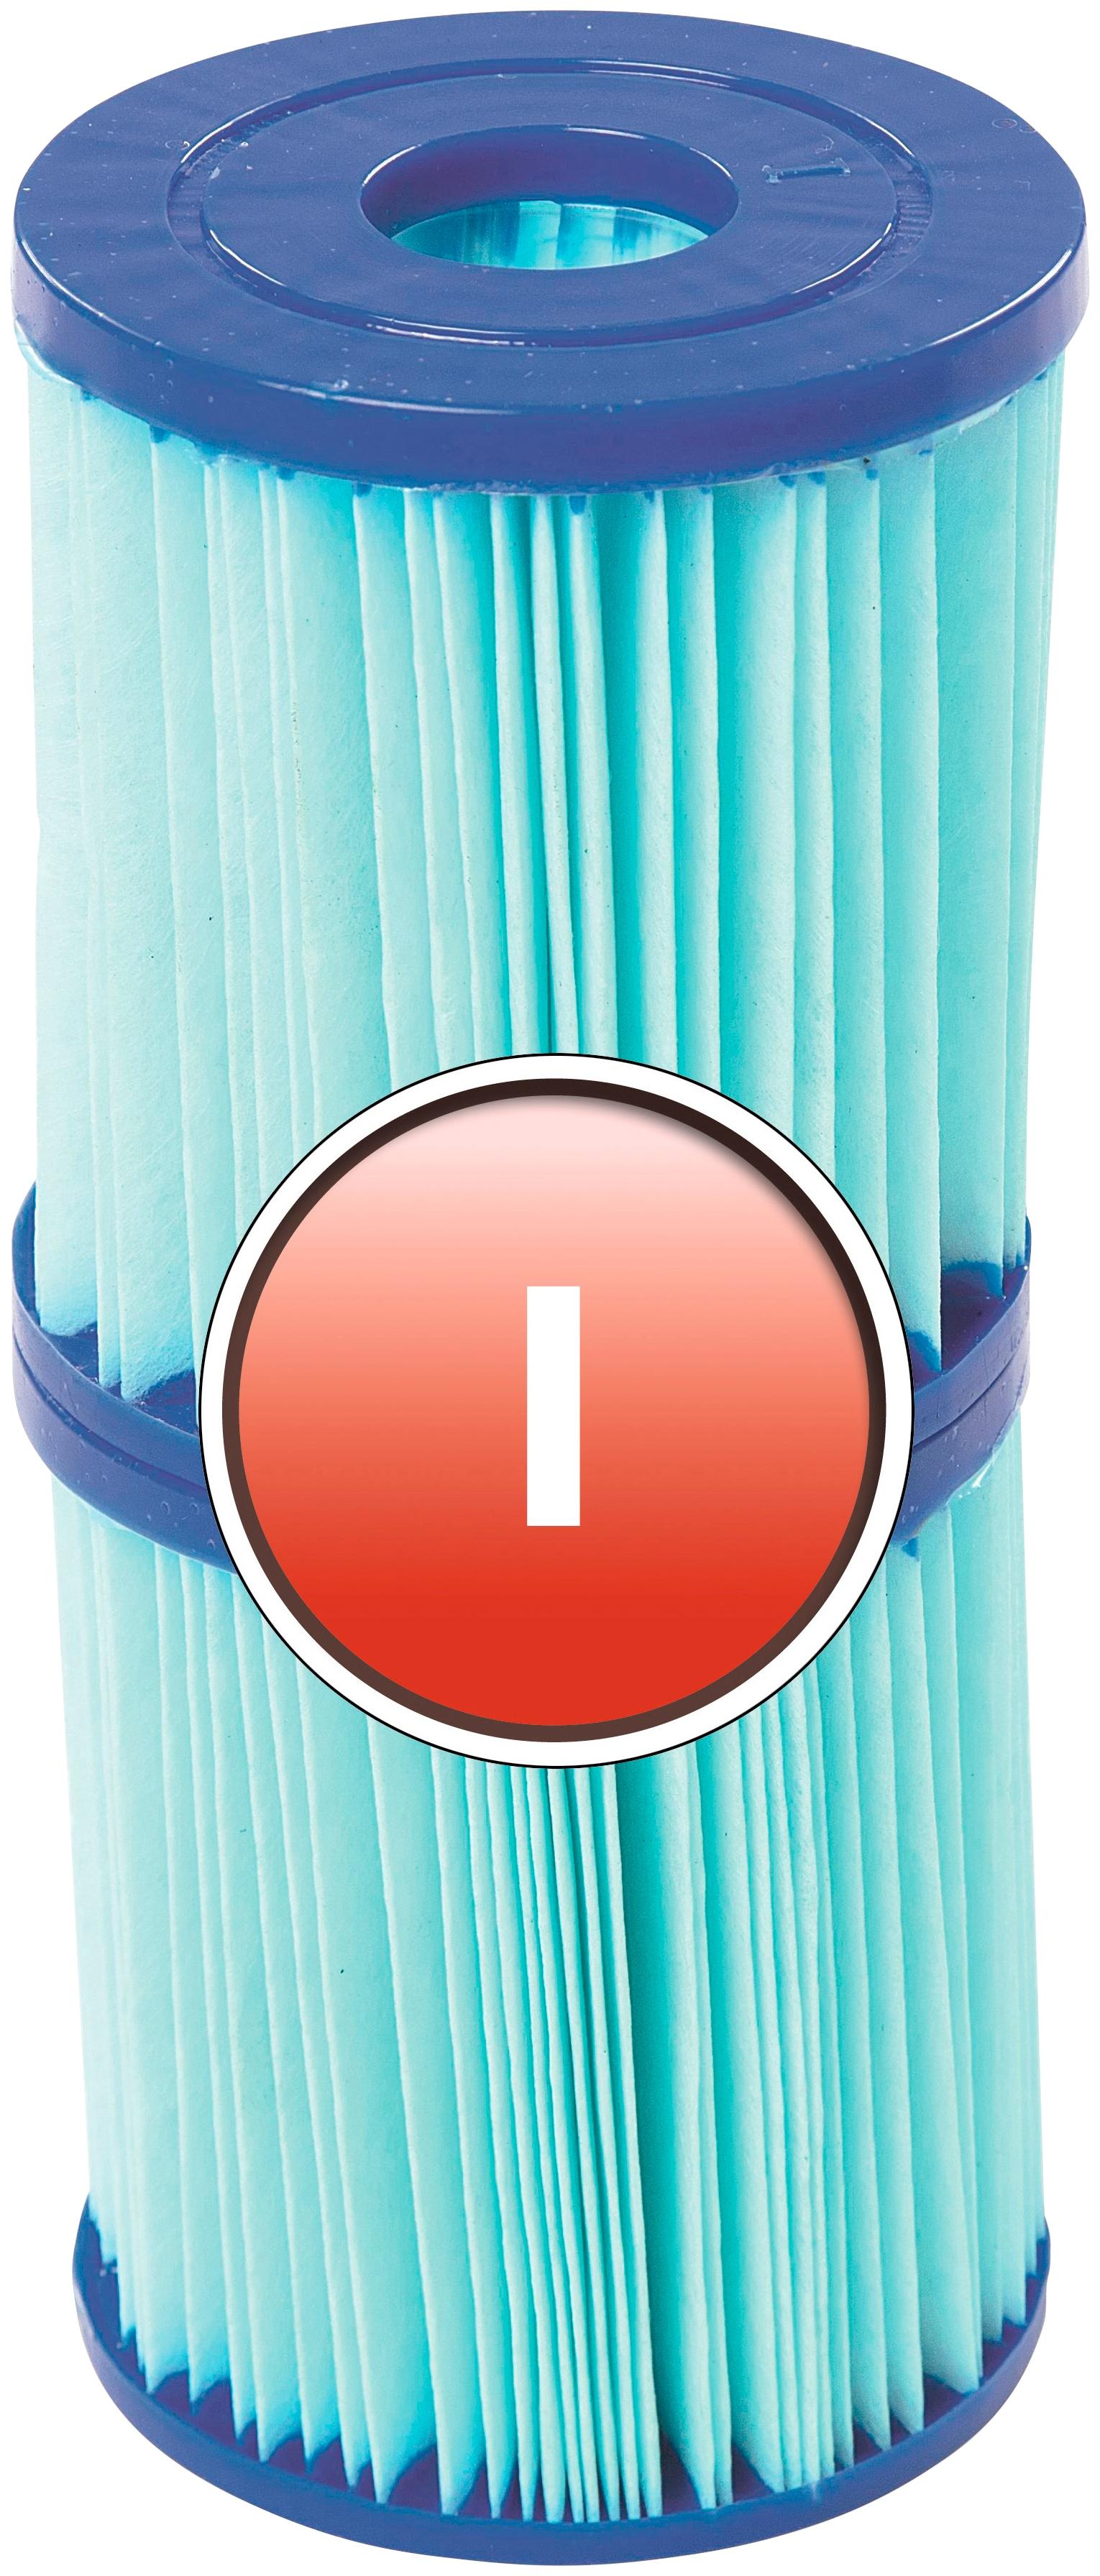 BESTWAY Ersatzfilterkartusche »Flowclear™«, Gr.I, 8 x 9 cm | Küche und Esszimmer > Küchengeräte > Wasserfilter | Blau | BESTWAY